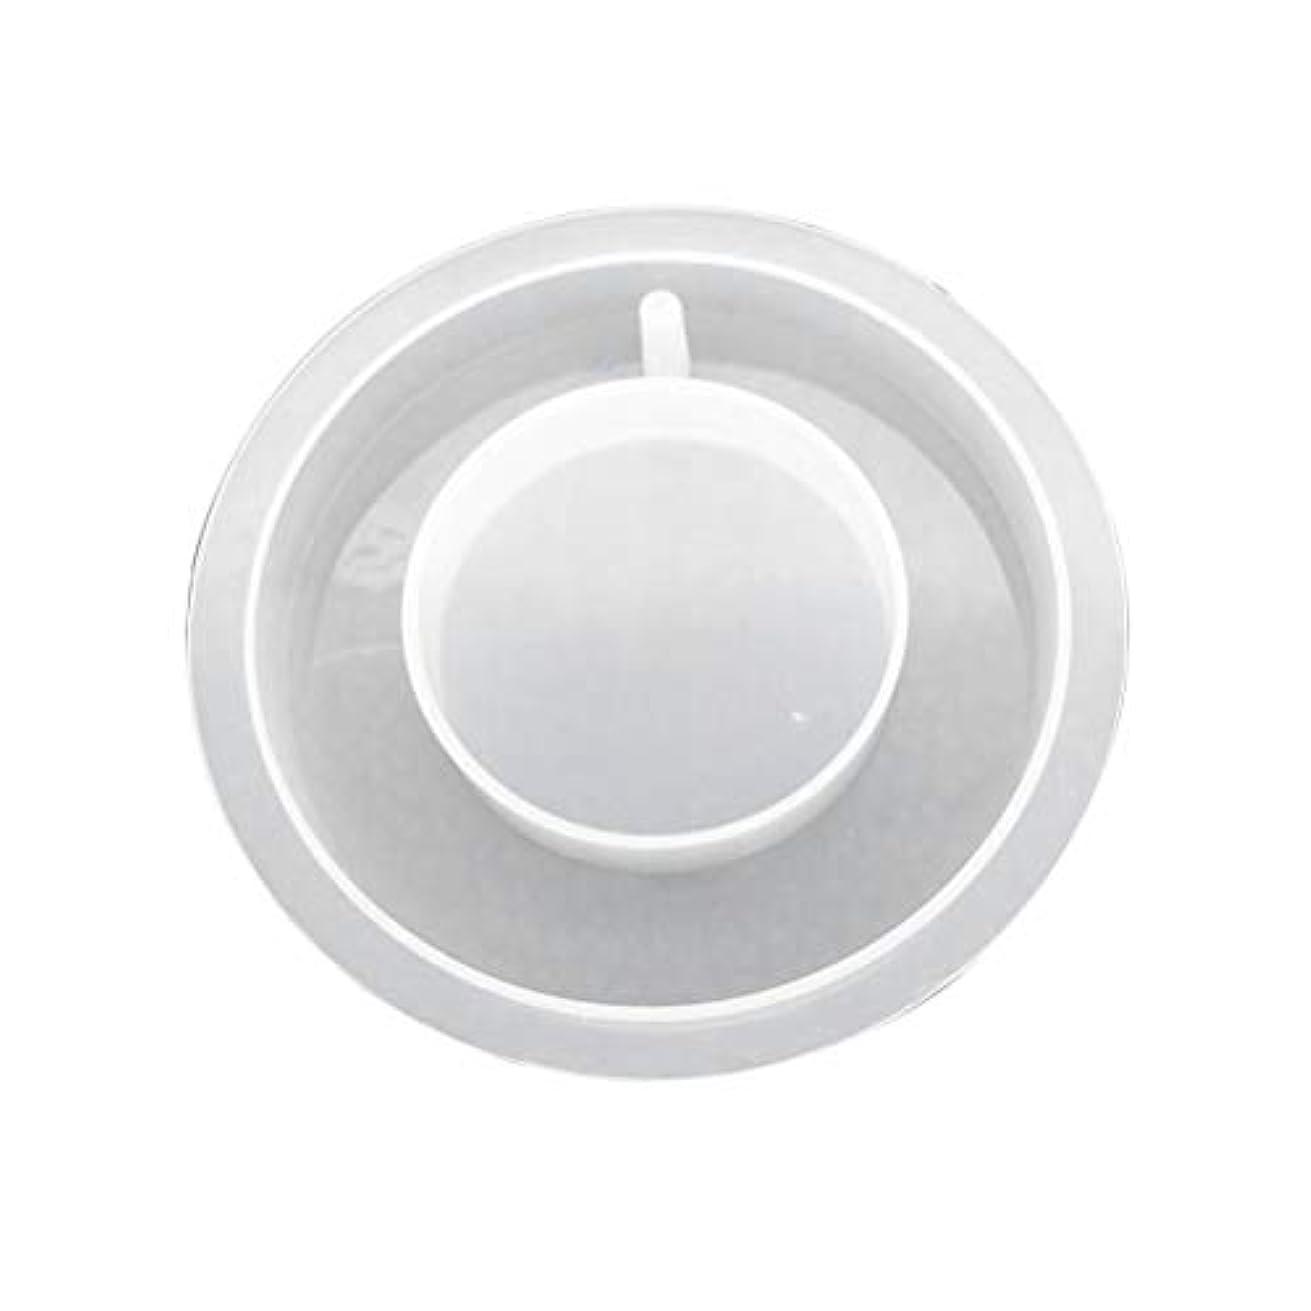 コジオスコ寛大な似ているSUPVOX 樹脂シリコーンリング形状ペンダントクリスタルエポキシ金型でぶら下げ穴石鹸キャンドル用diyギフトジュエリーネックレスペンダント作り